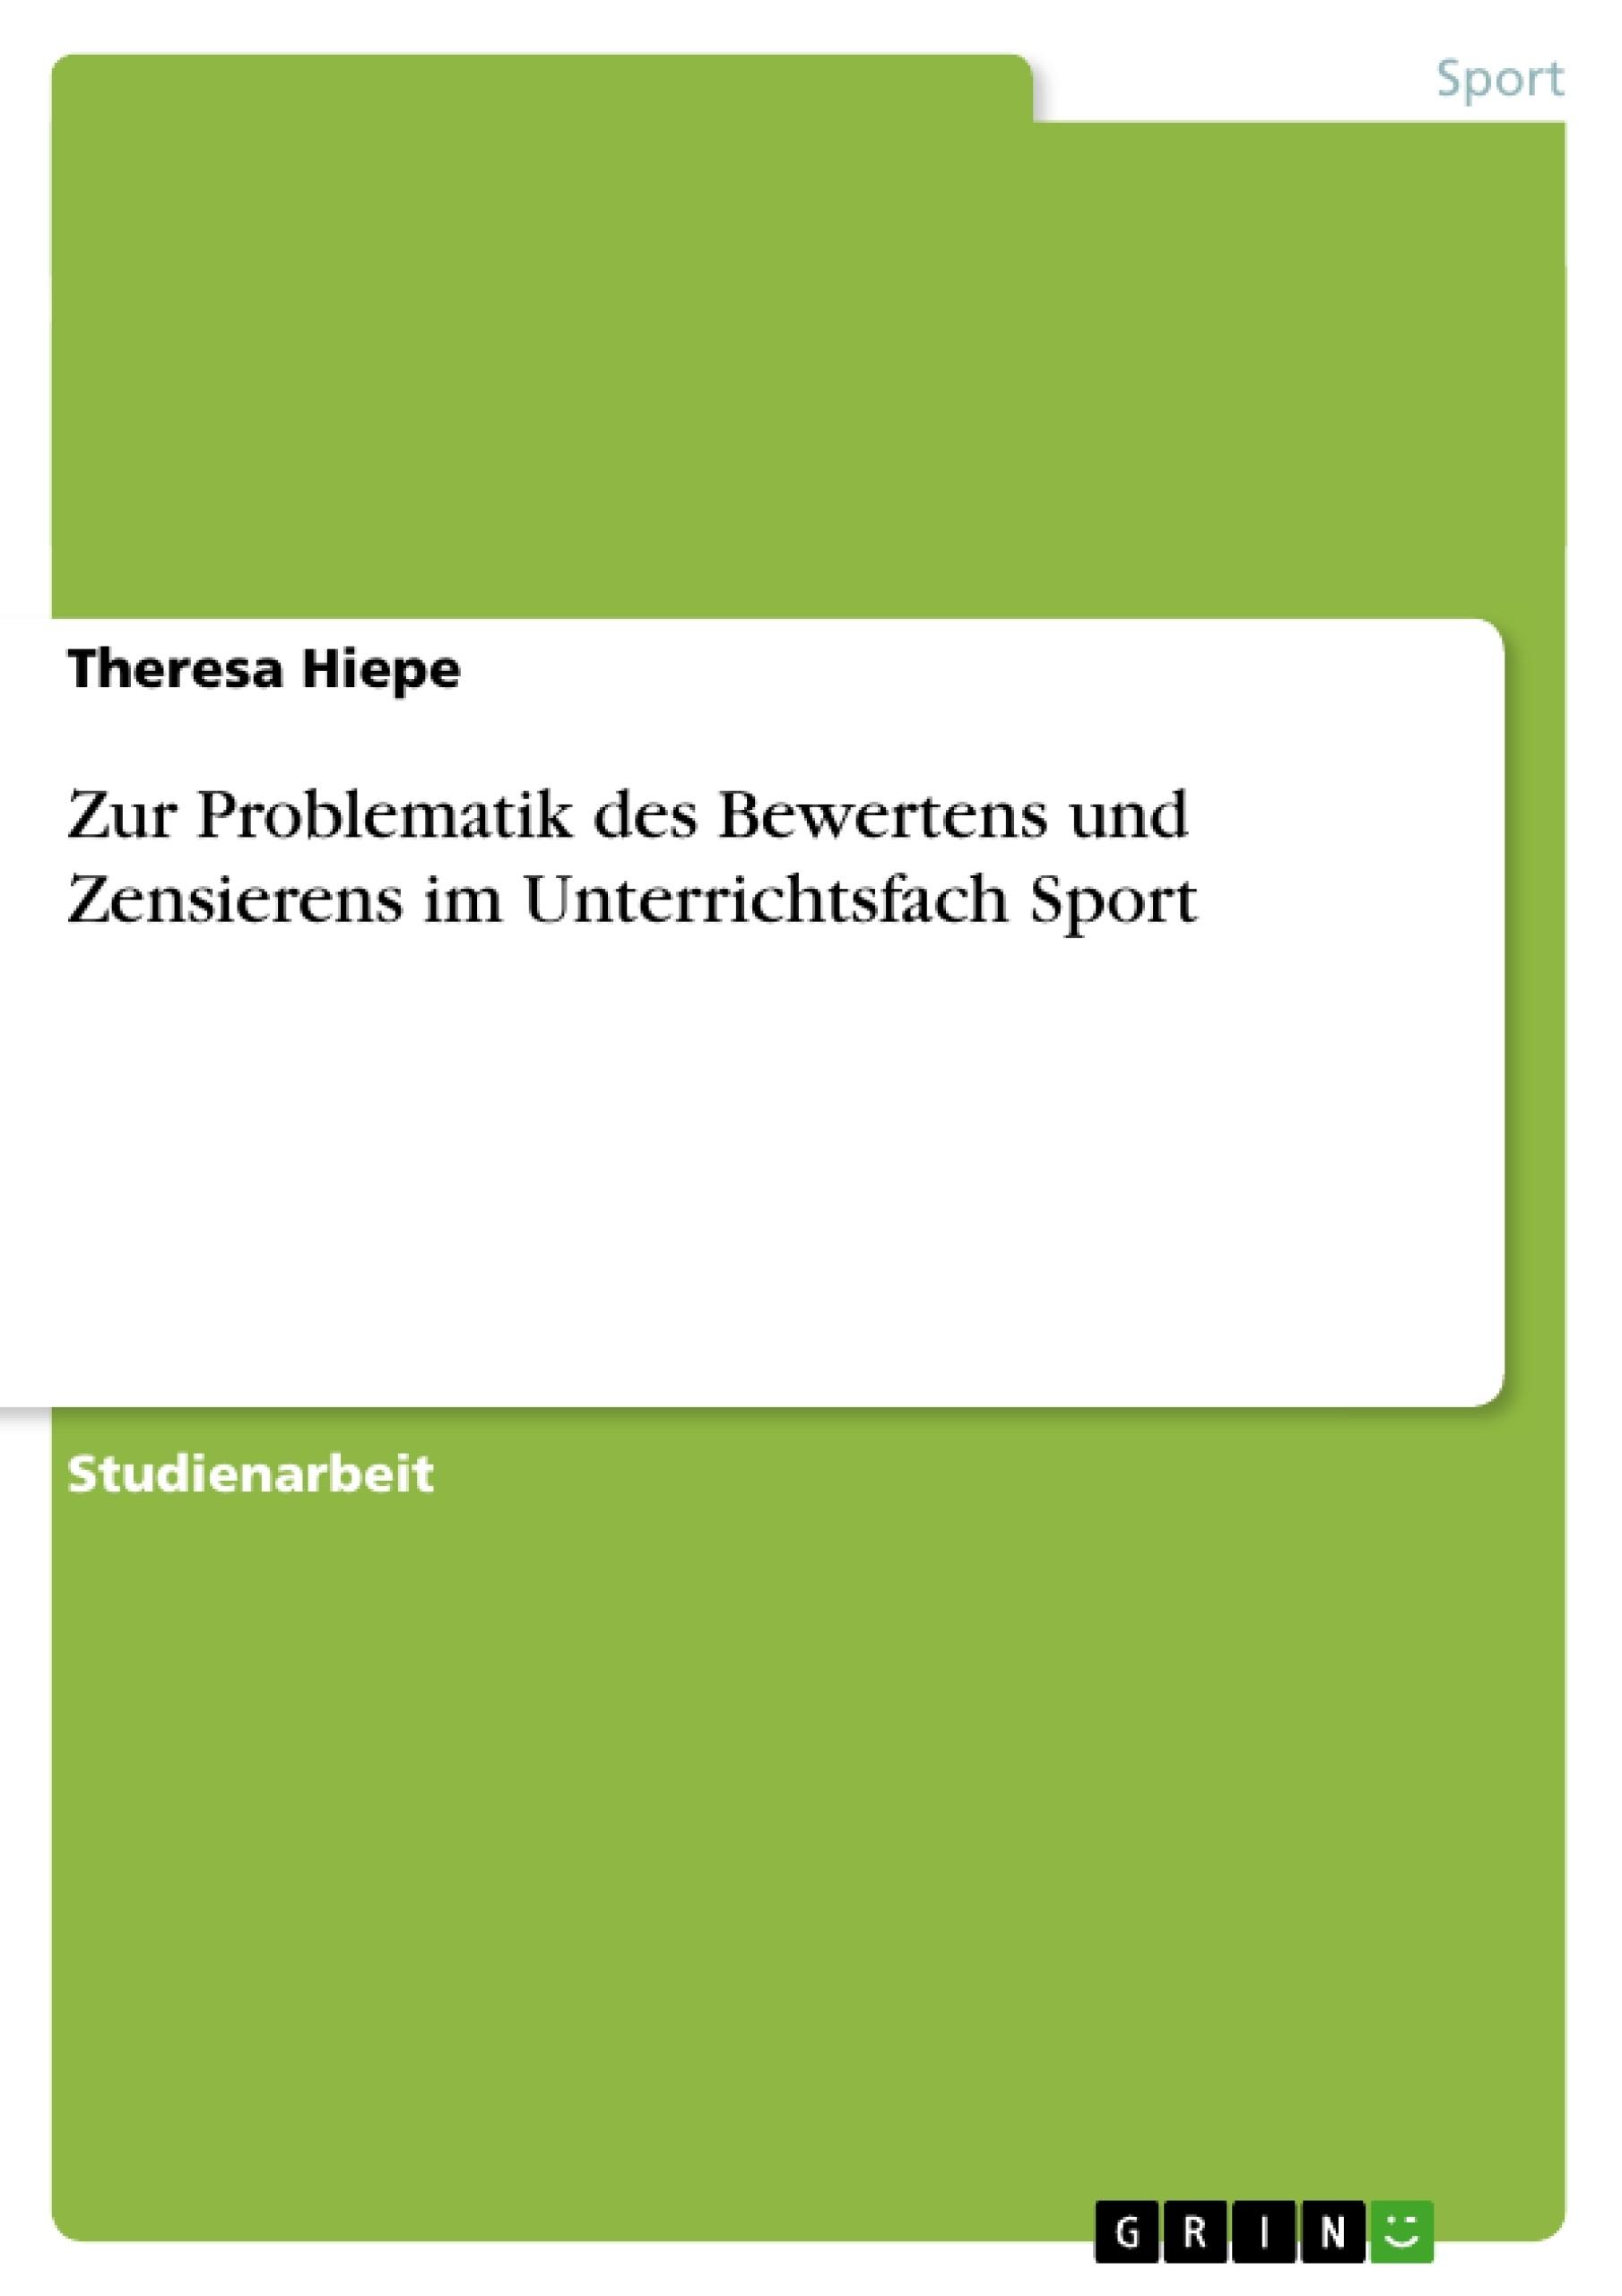 Titel: Zur Problematik des Bewertens und Zensierens im Unterrichtsfach Sport